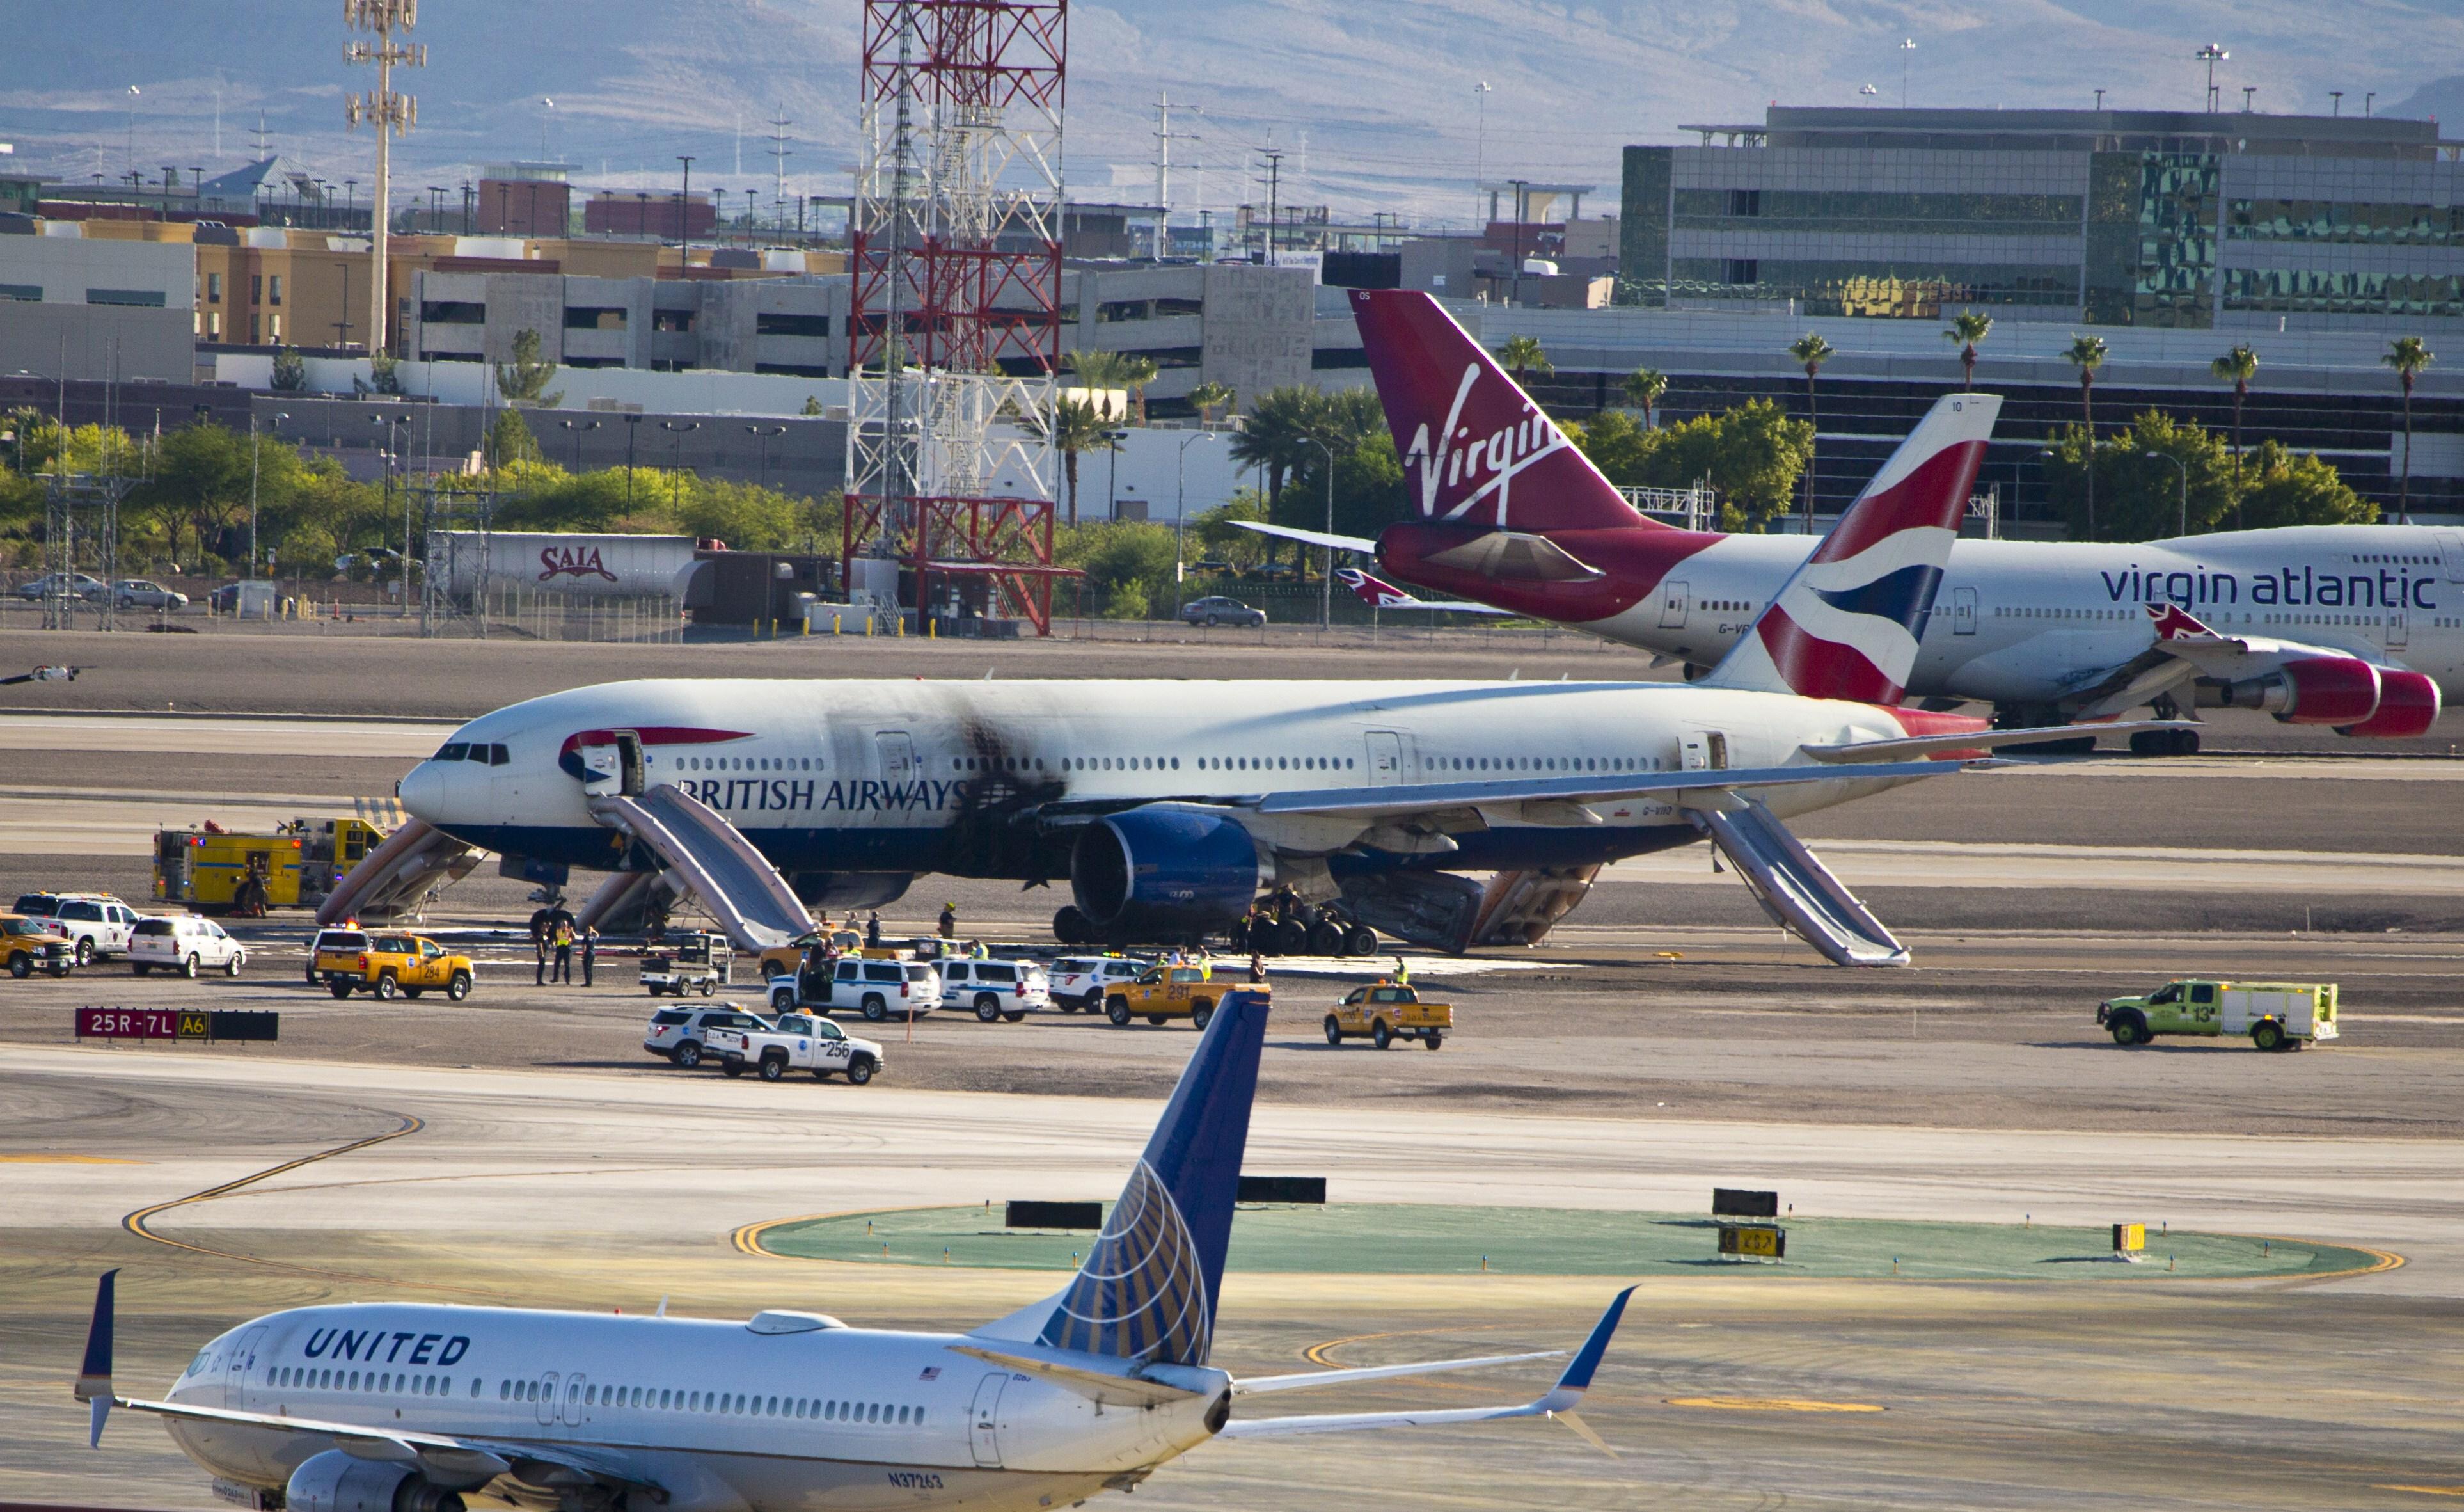 US-BRITISH AIRWAYS-PLANE-ACCIDENT-FIRE